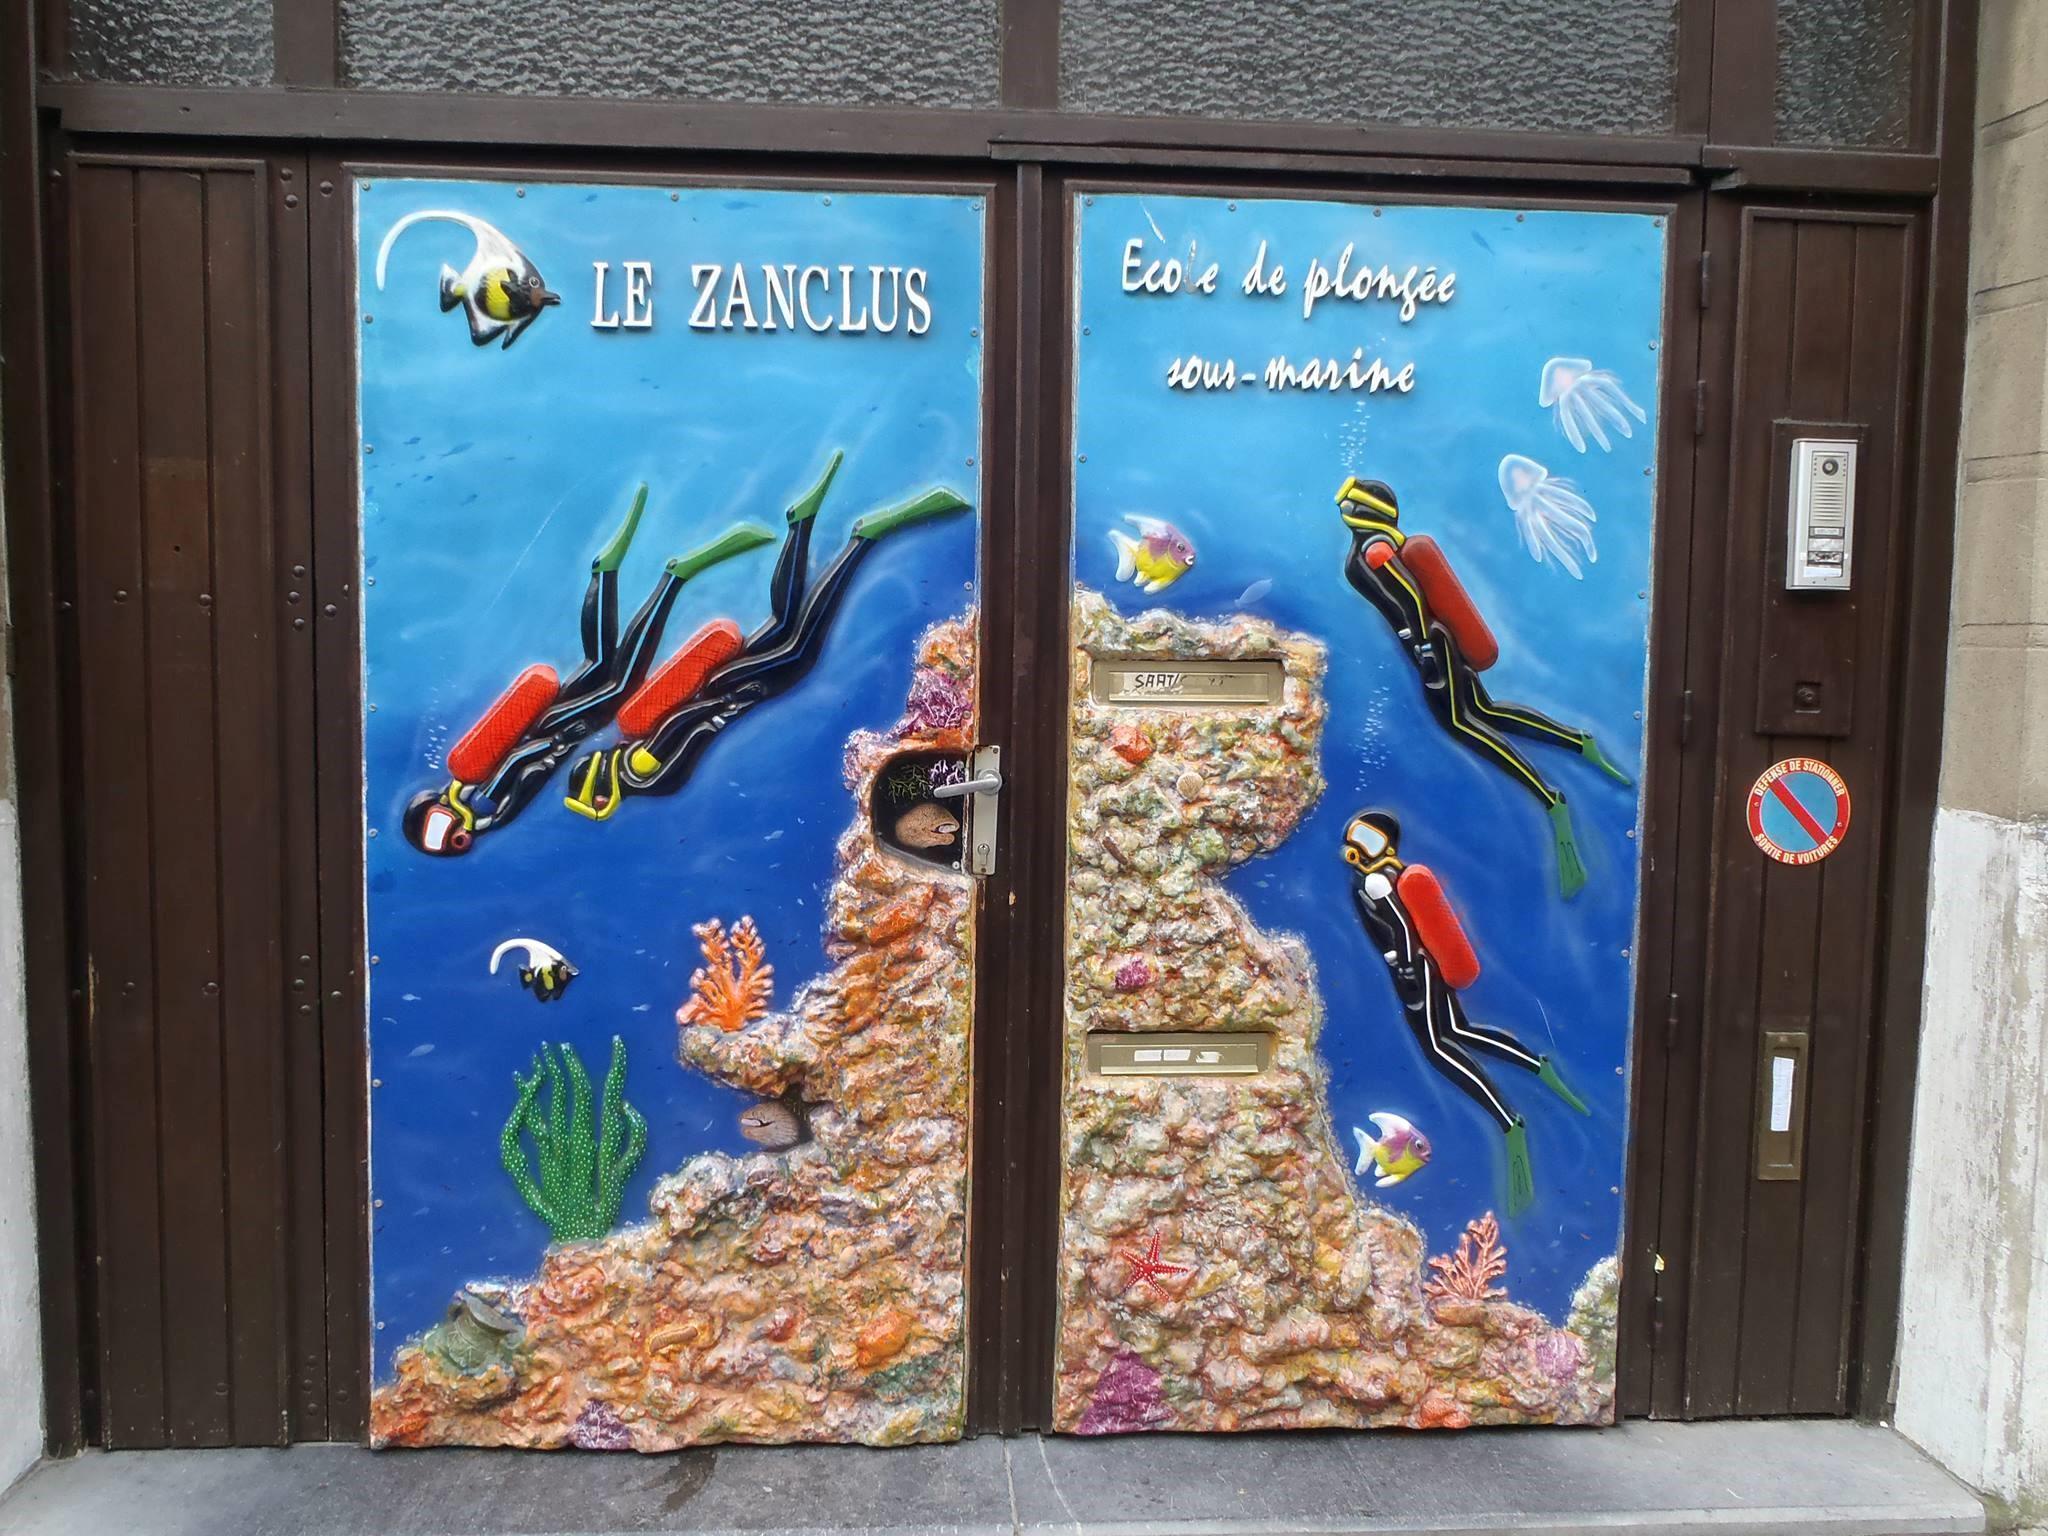 Porte Zanclus